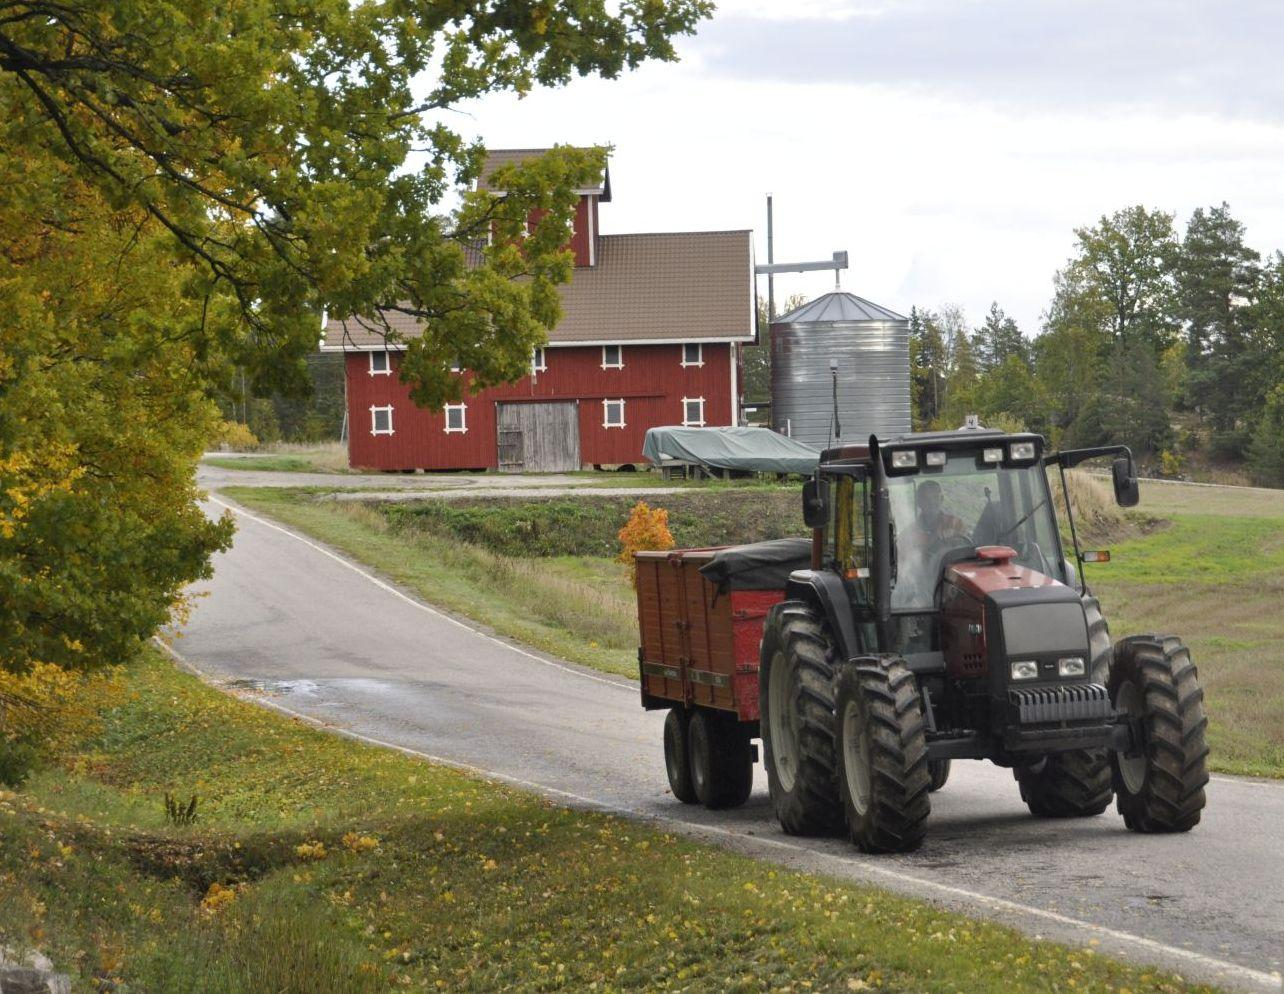 Traktor med släp kommer körande på vägen. I bakgrunden syns en tork.